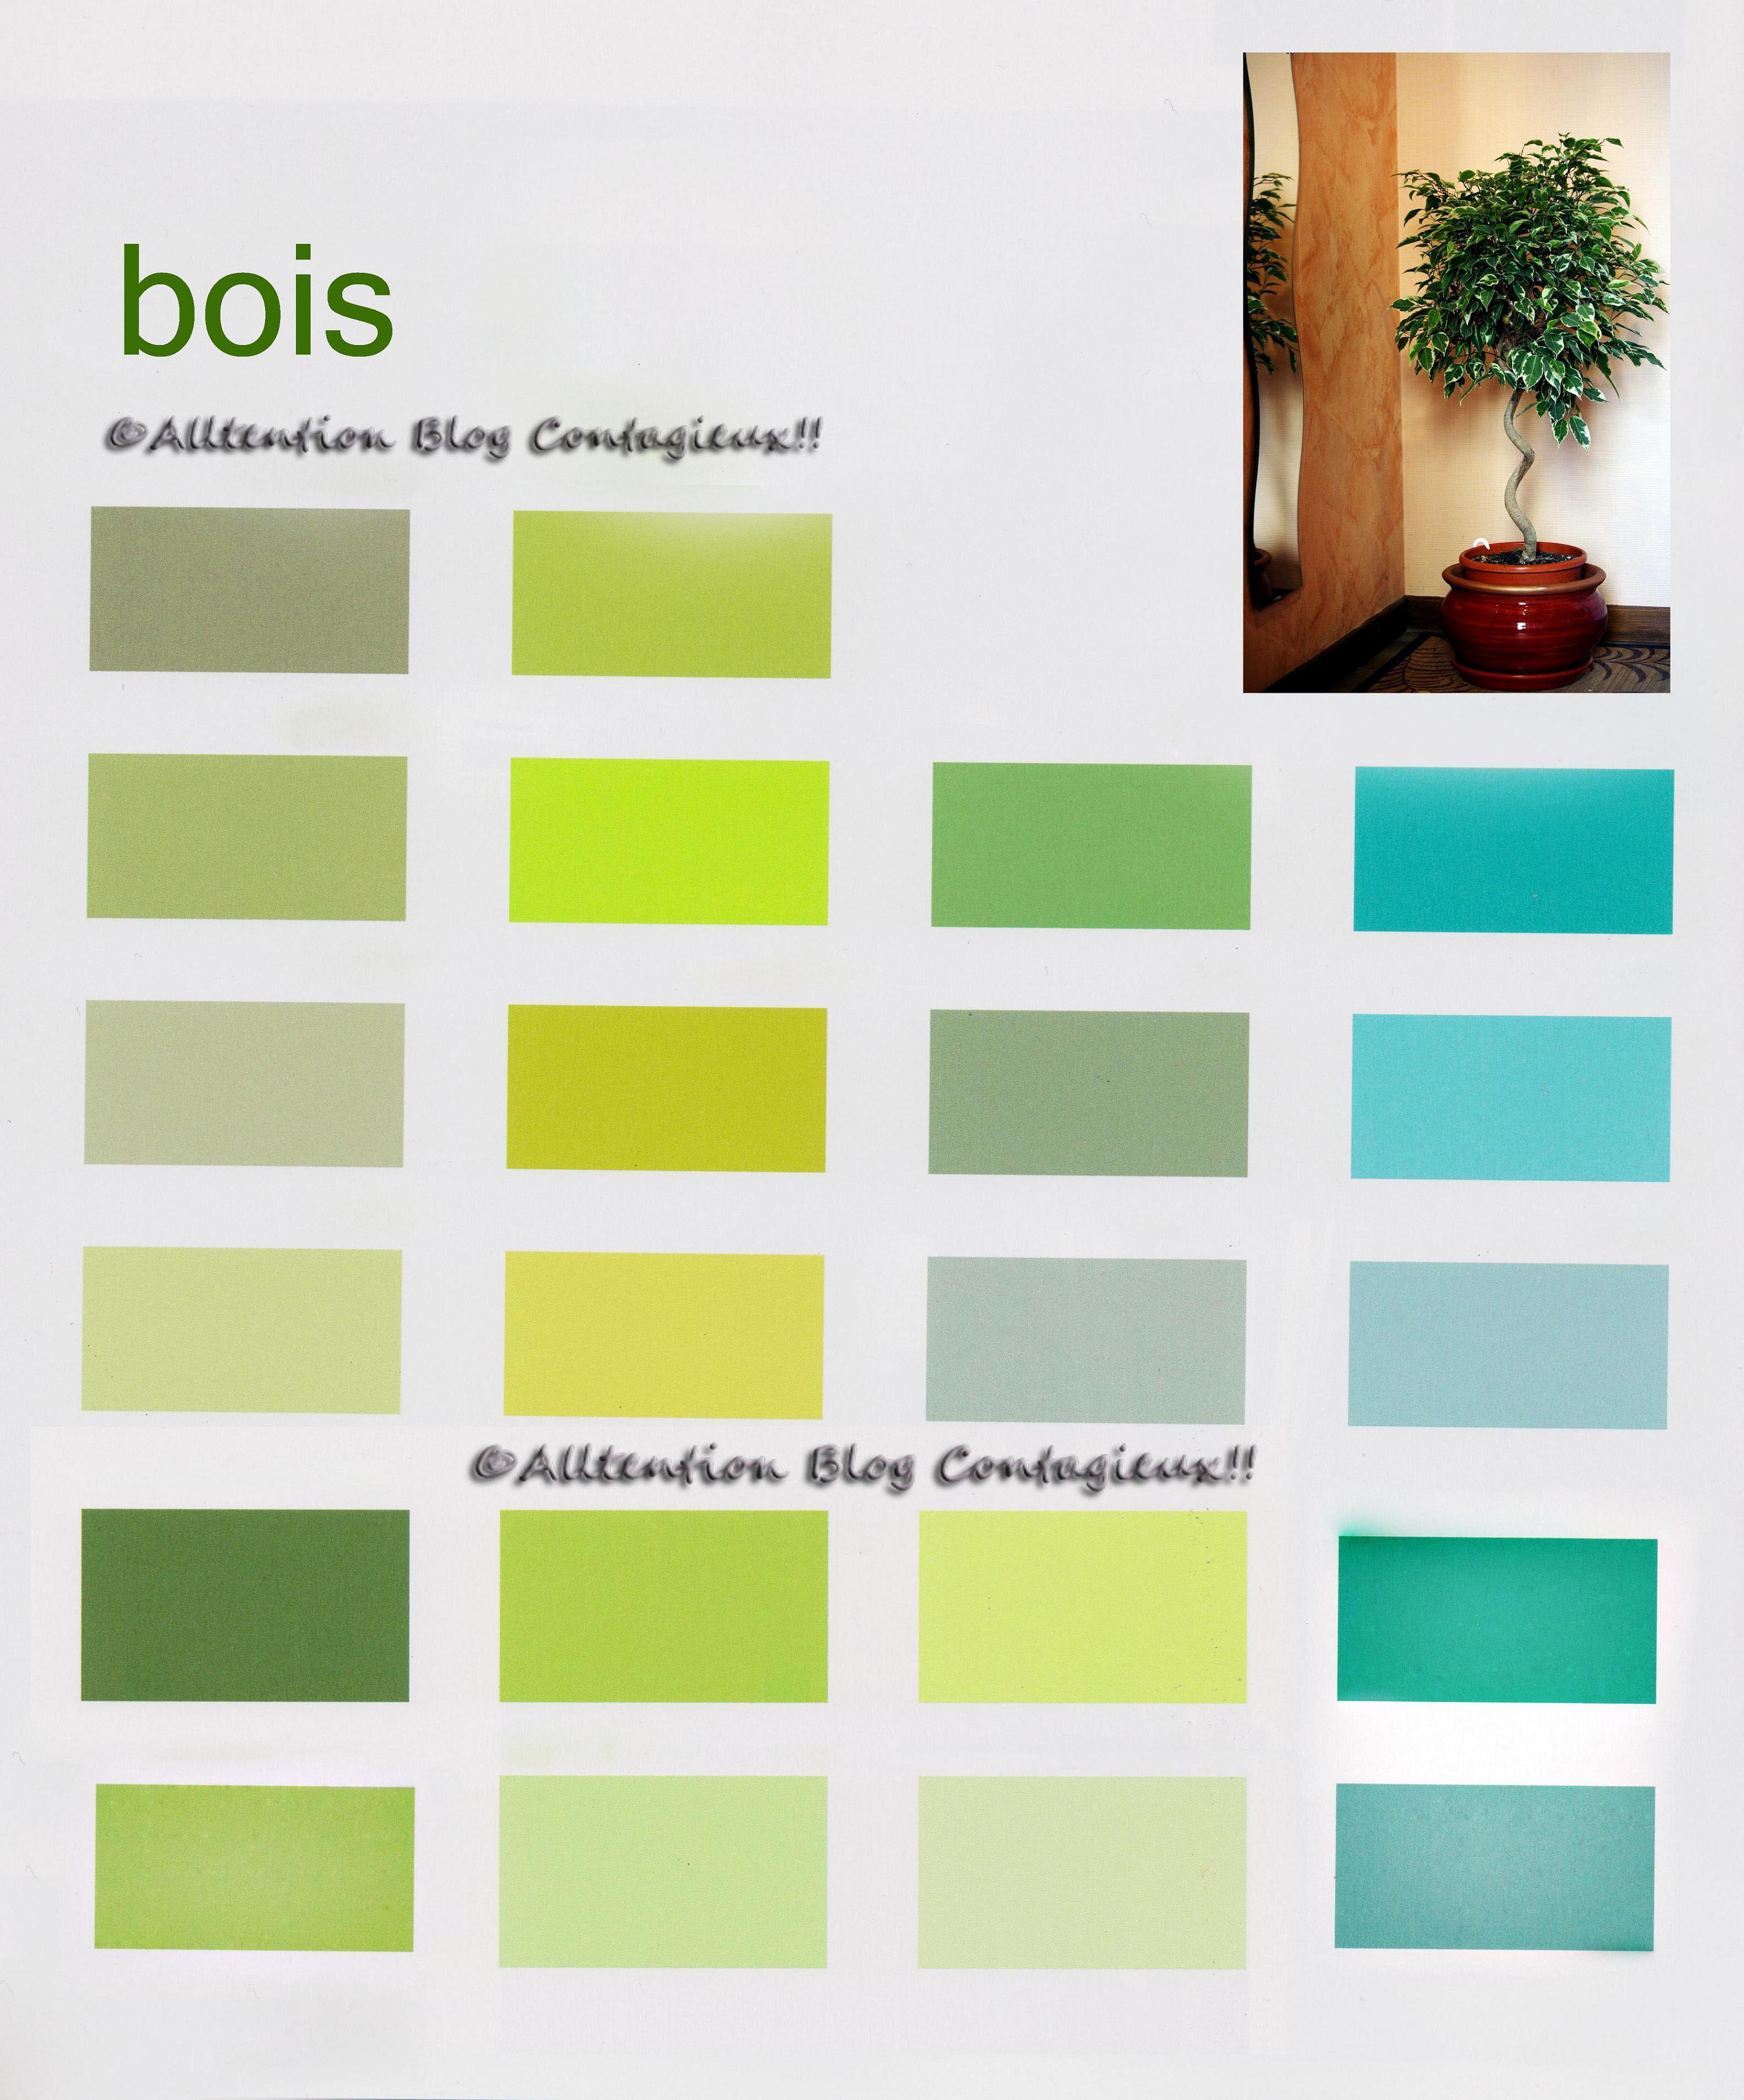 Des secteurs et des couleurs  Attention Blog Contagieux